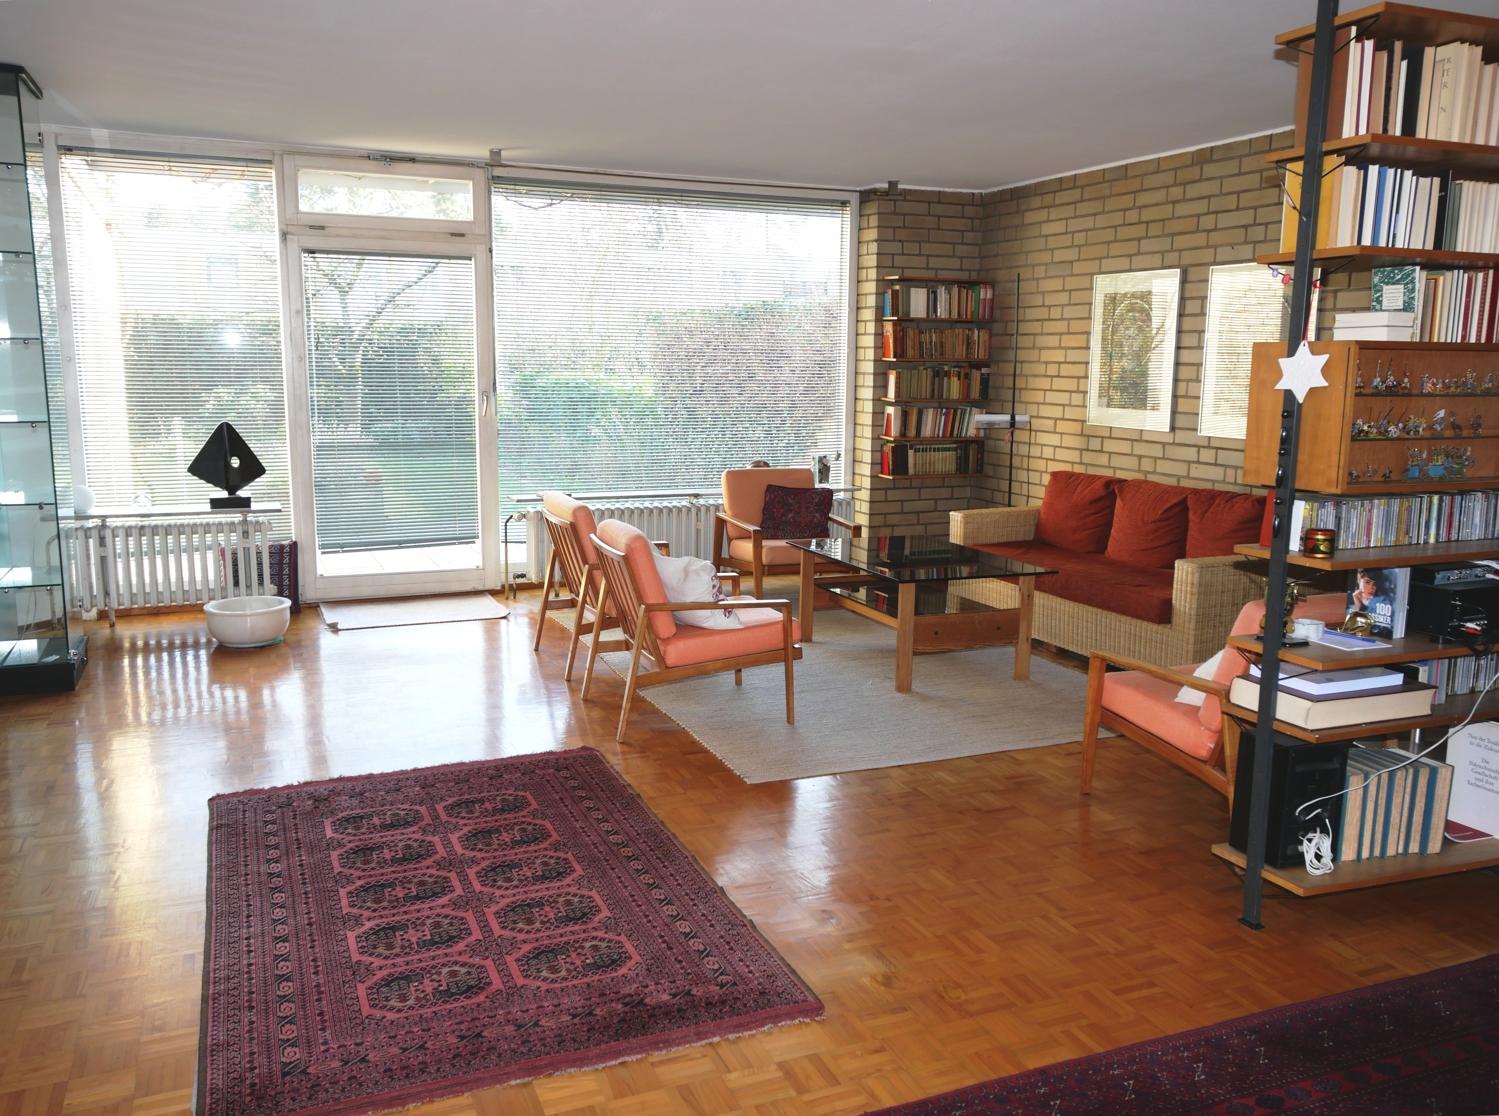 EG: Wohnzimmer Bild 3